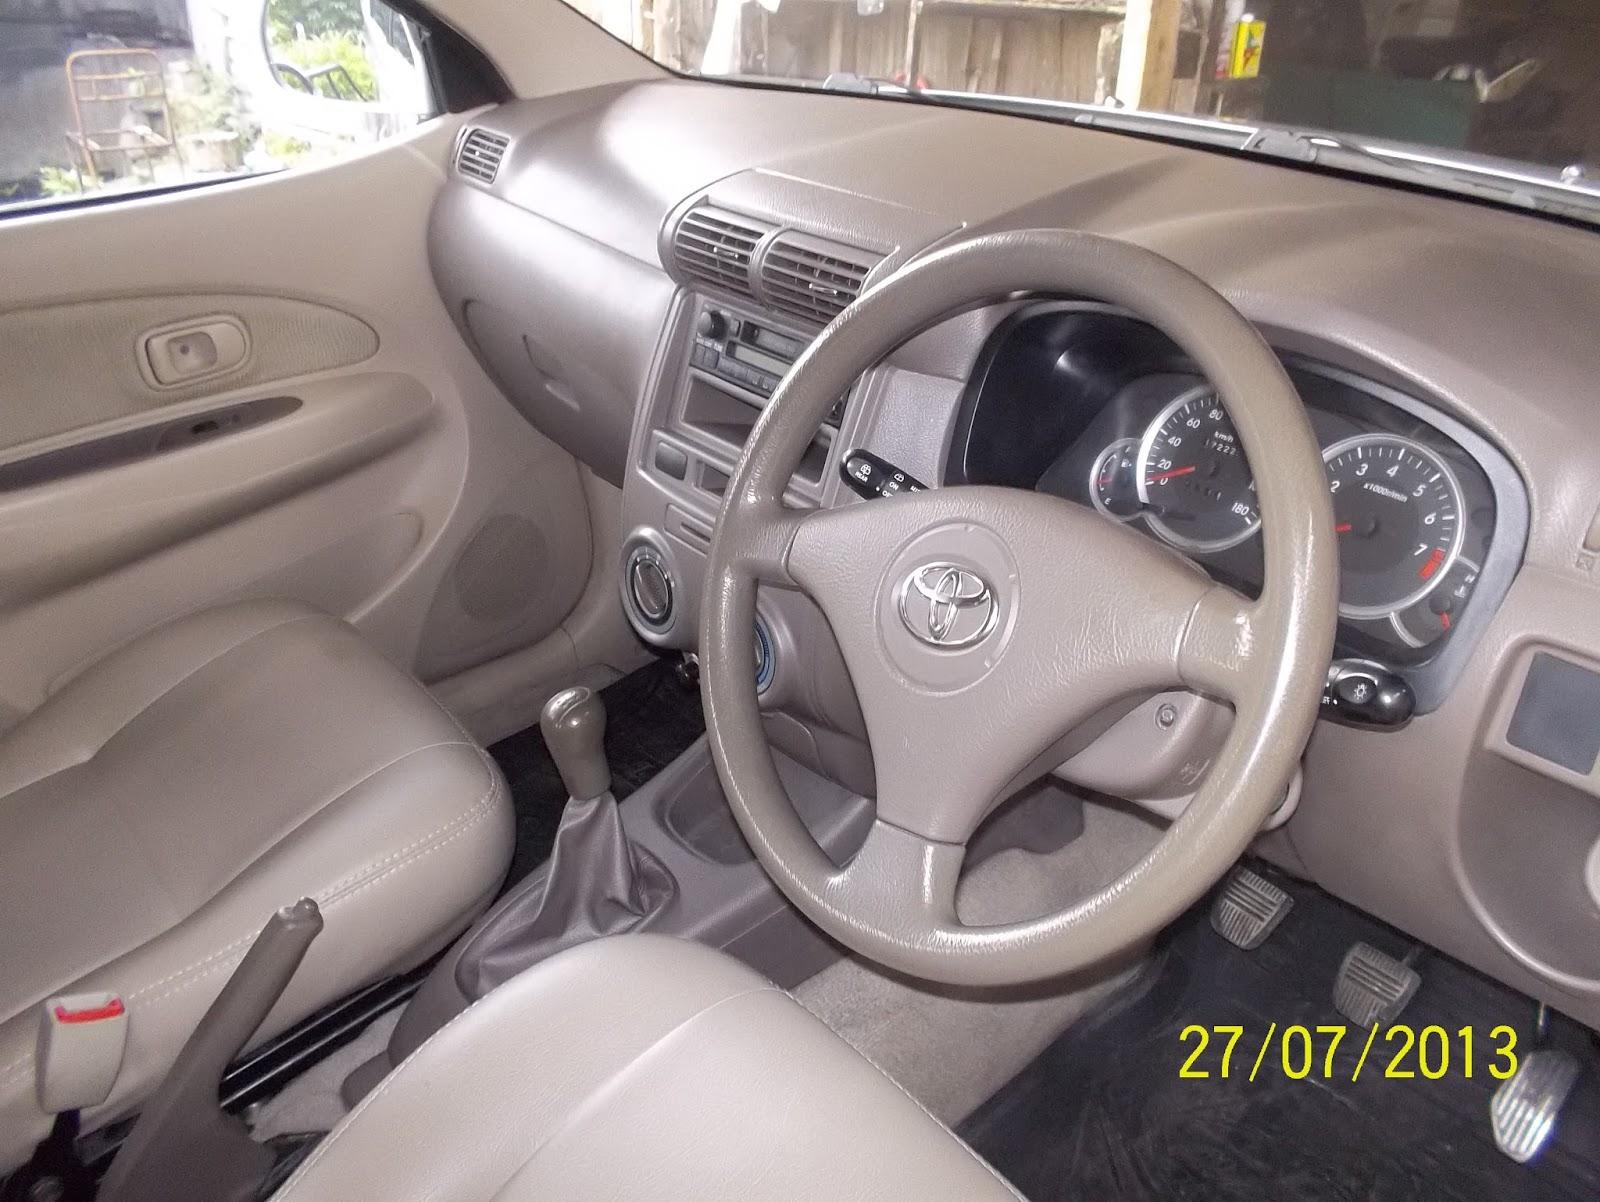 Harga Grand New Avanza Tahun 2016 Toyota Yaris Trd Sportivo Pantip S 2007 Car Interior Design